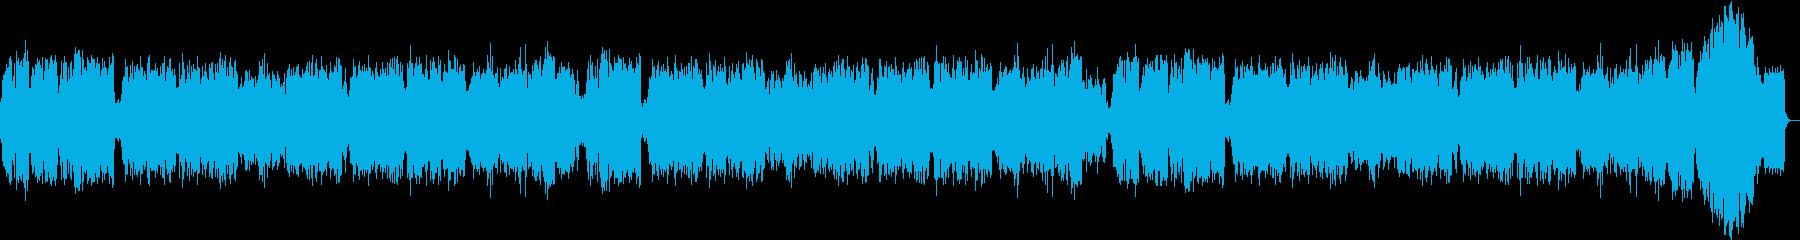 ボイスと弦楽のゆっくりしたバラードの再生済みの波形